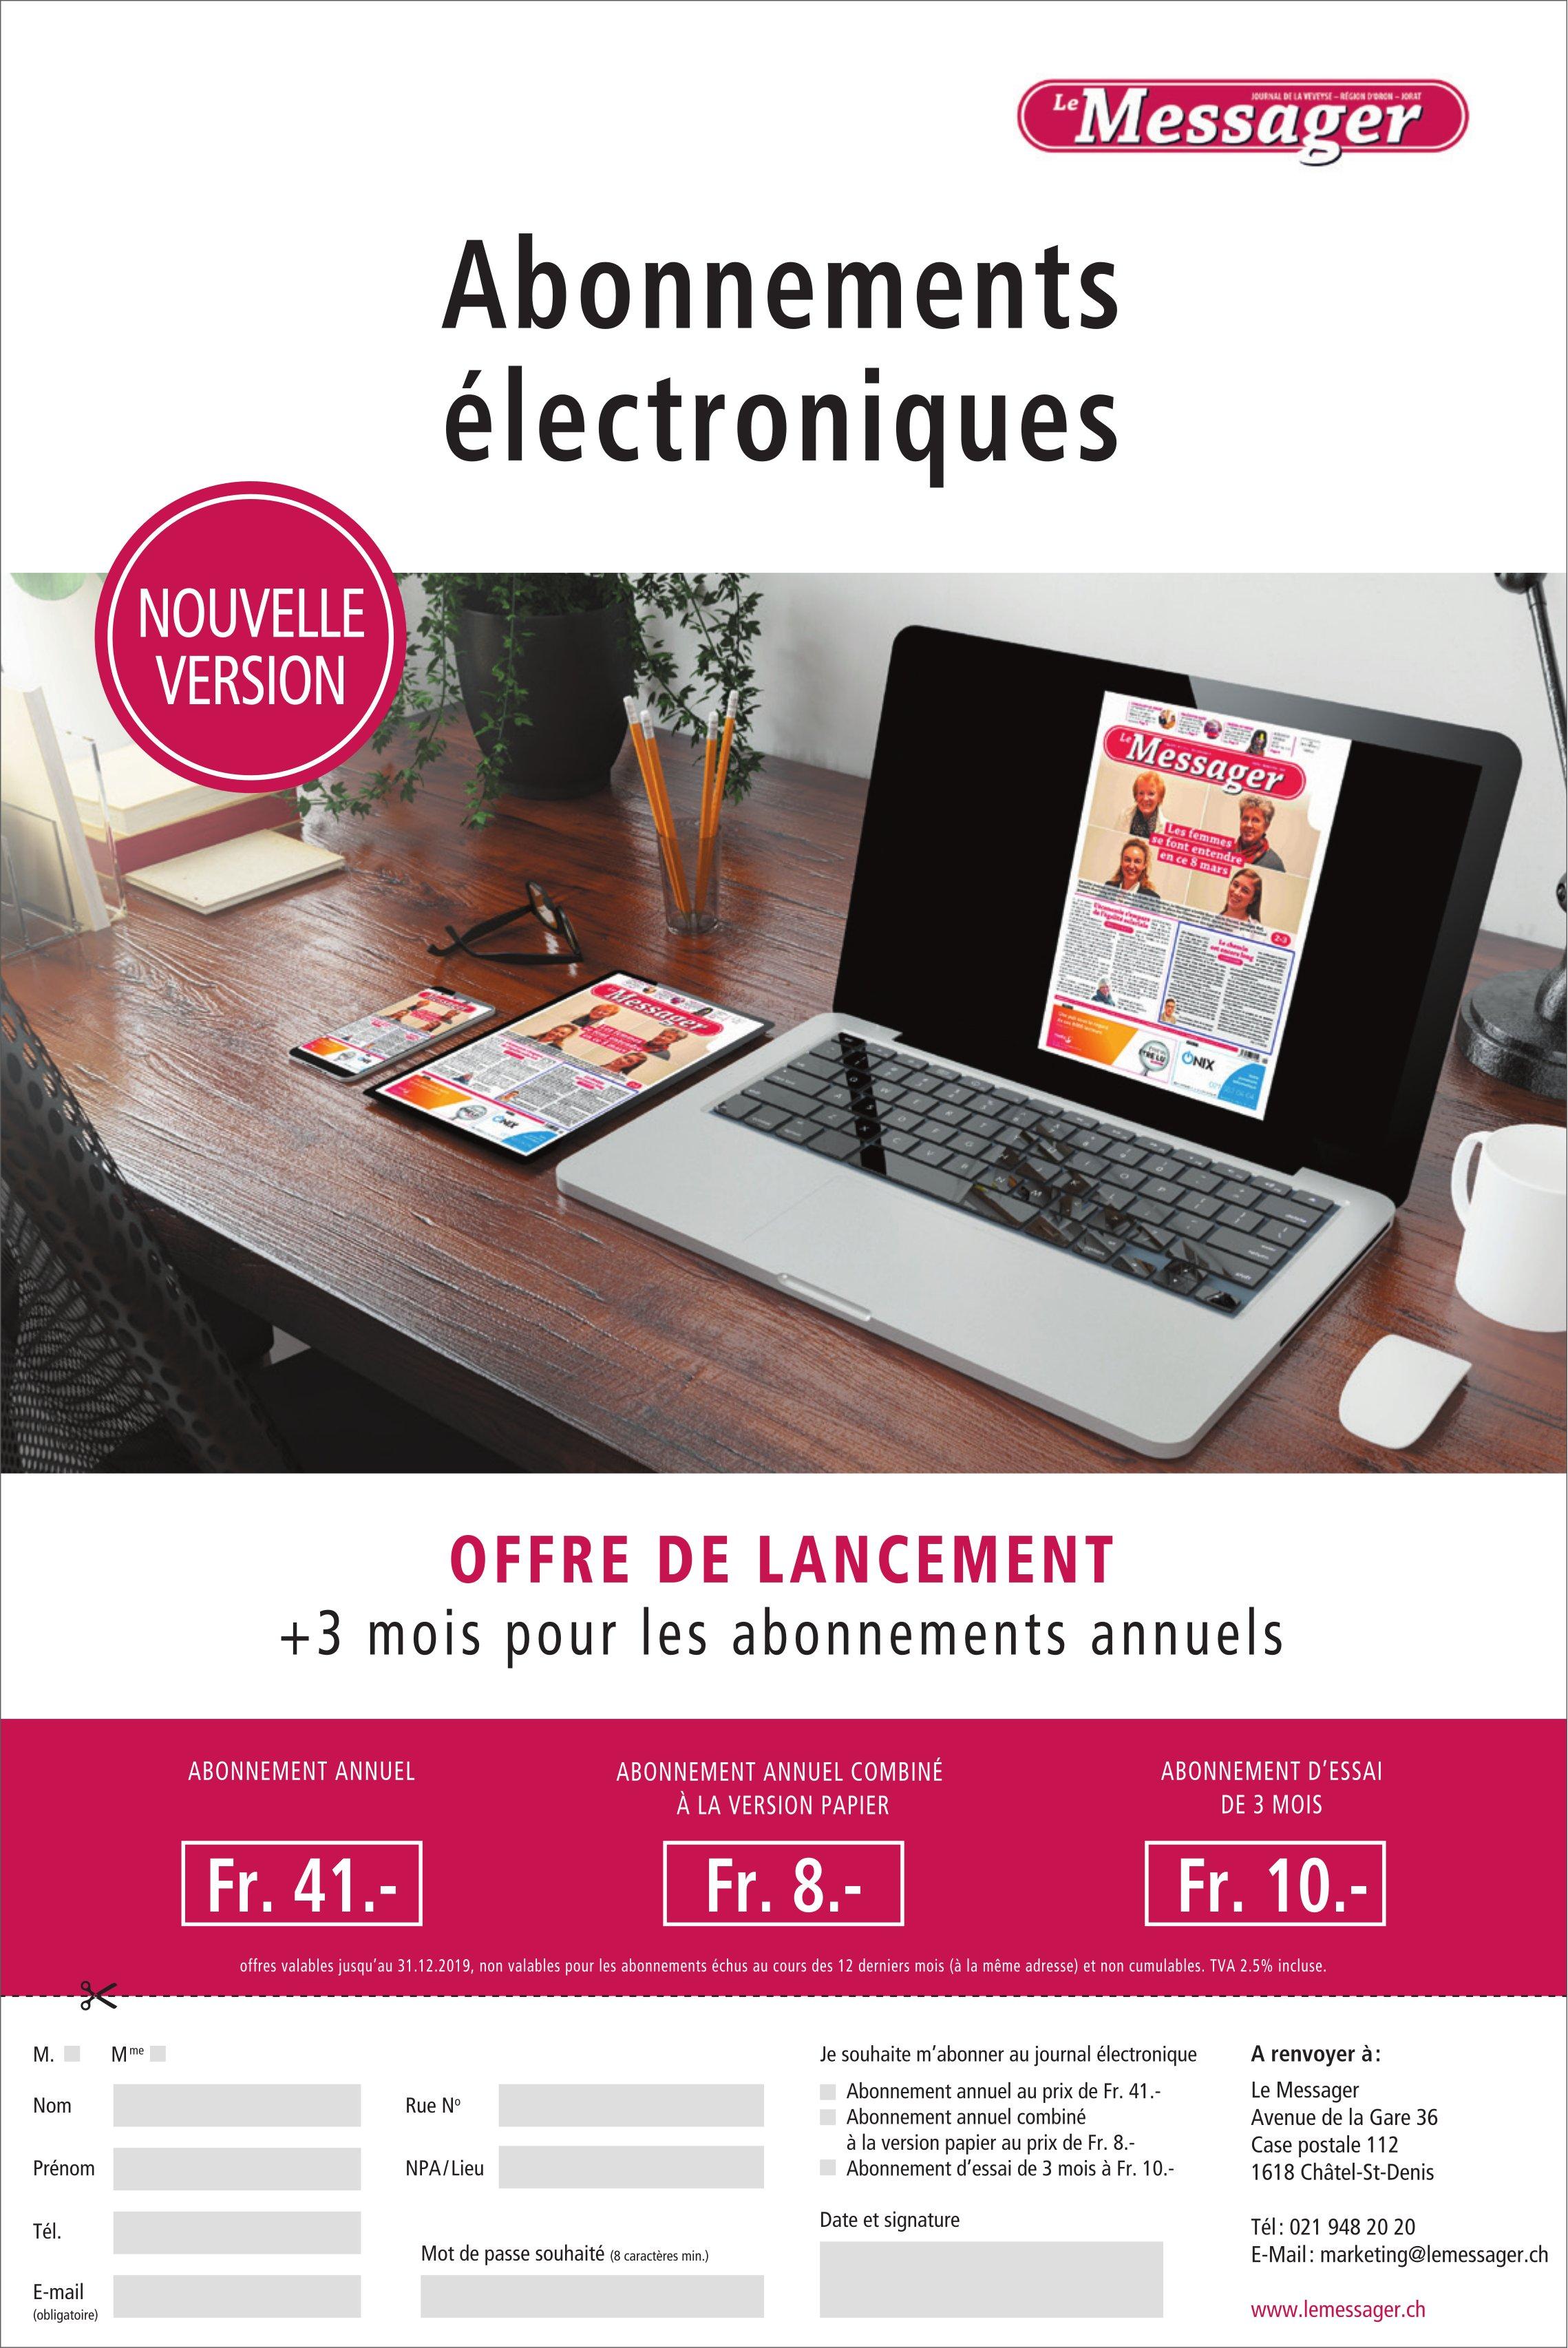 Le Messager - Abonnements électroniques Offre de lancement +3 mois